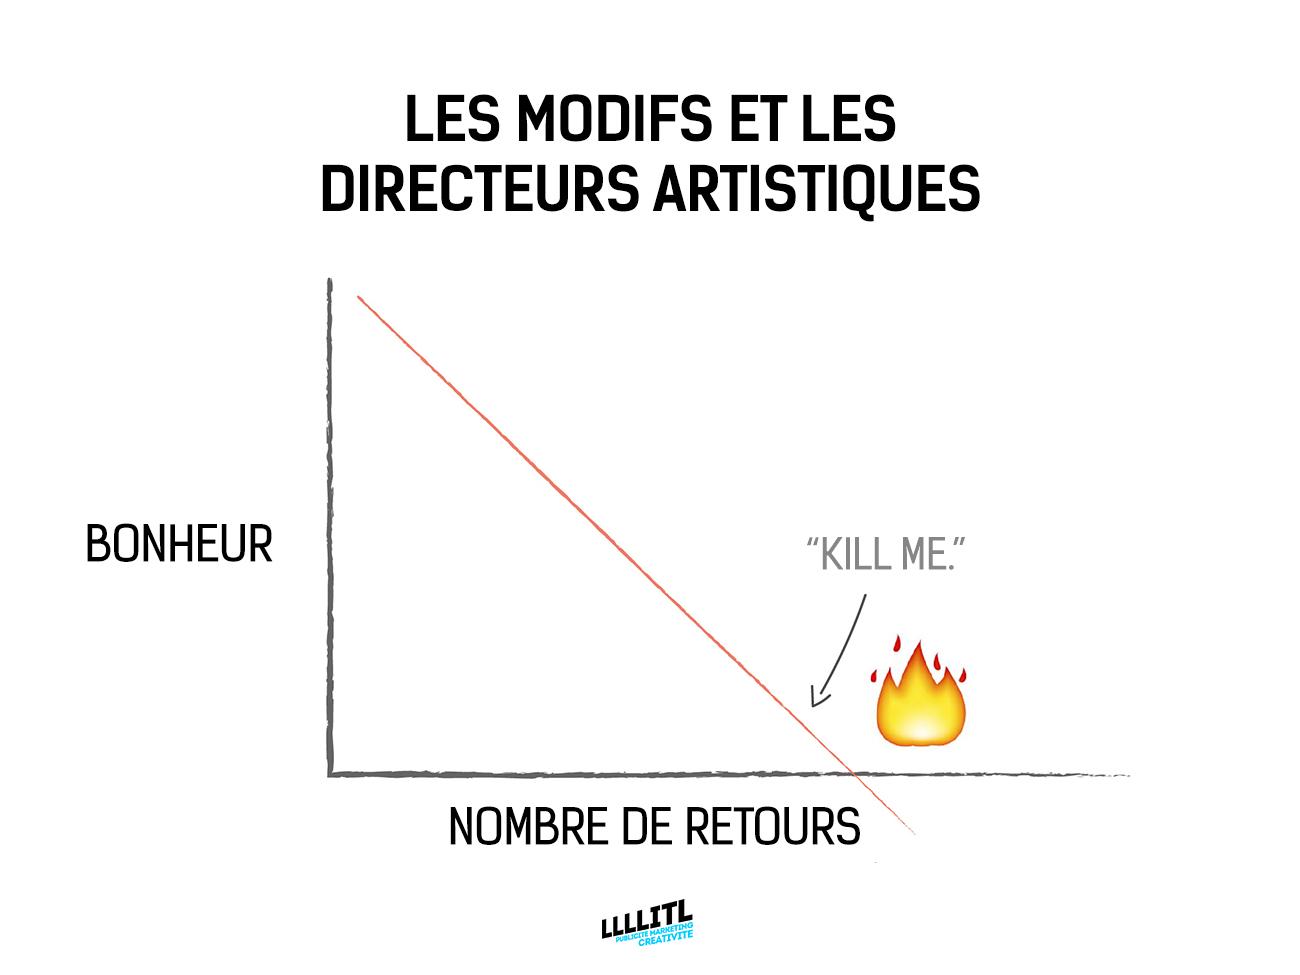 directeur-artistique-graphiste-creatif-caricature-problemes-graphiques-agence-publicite-6